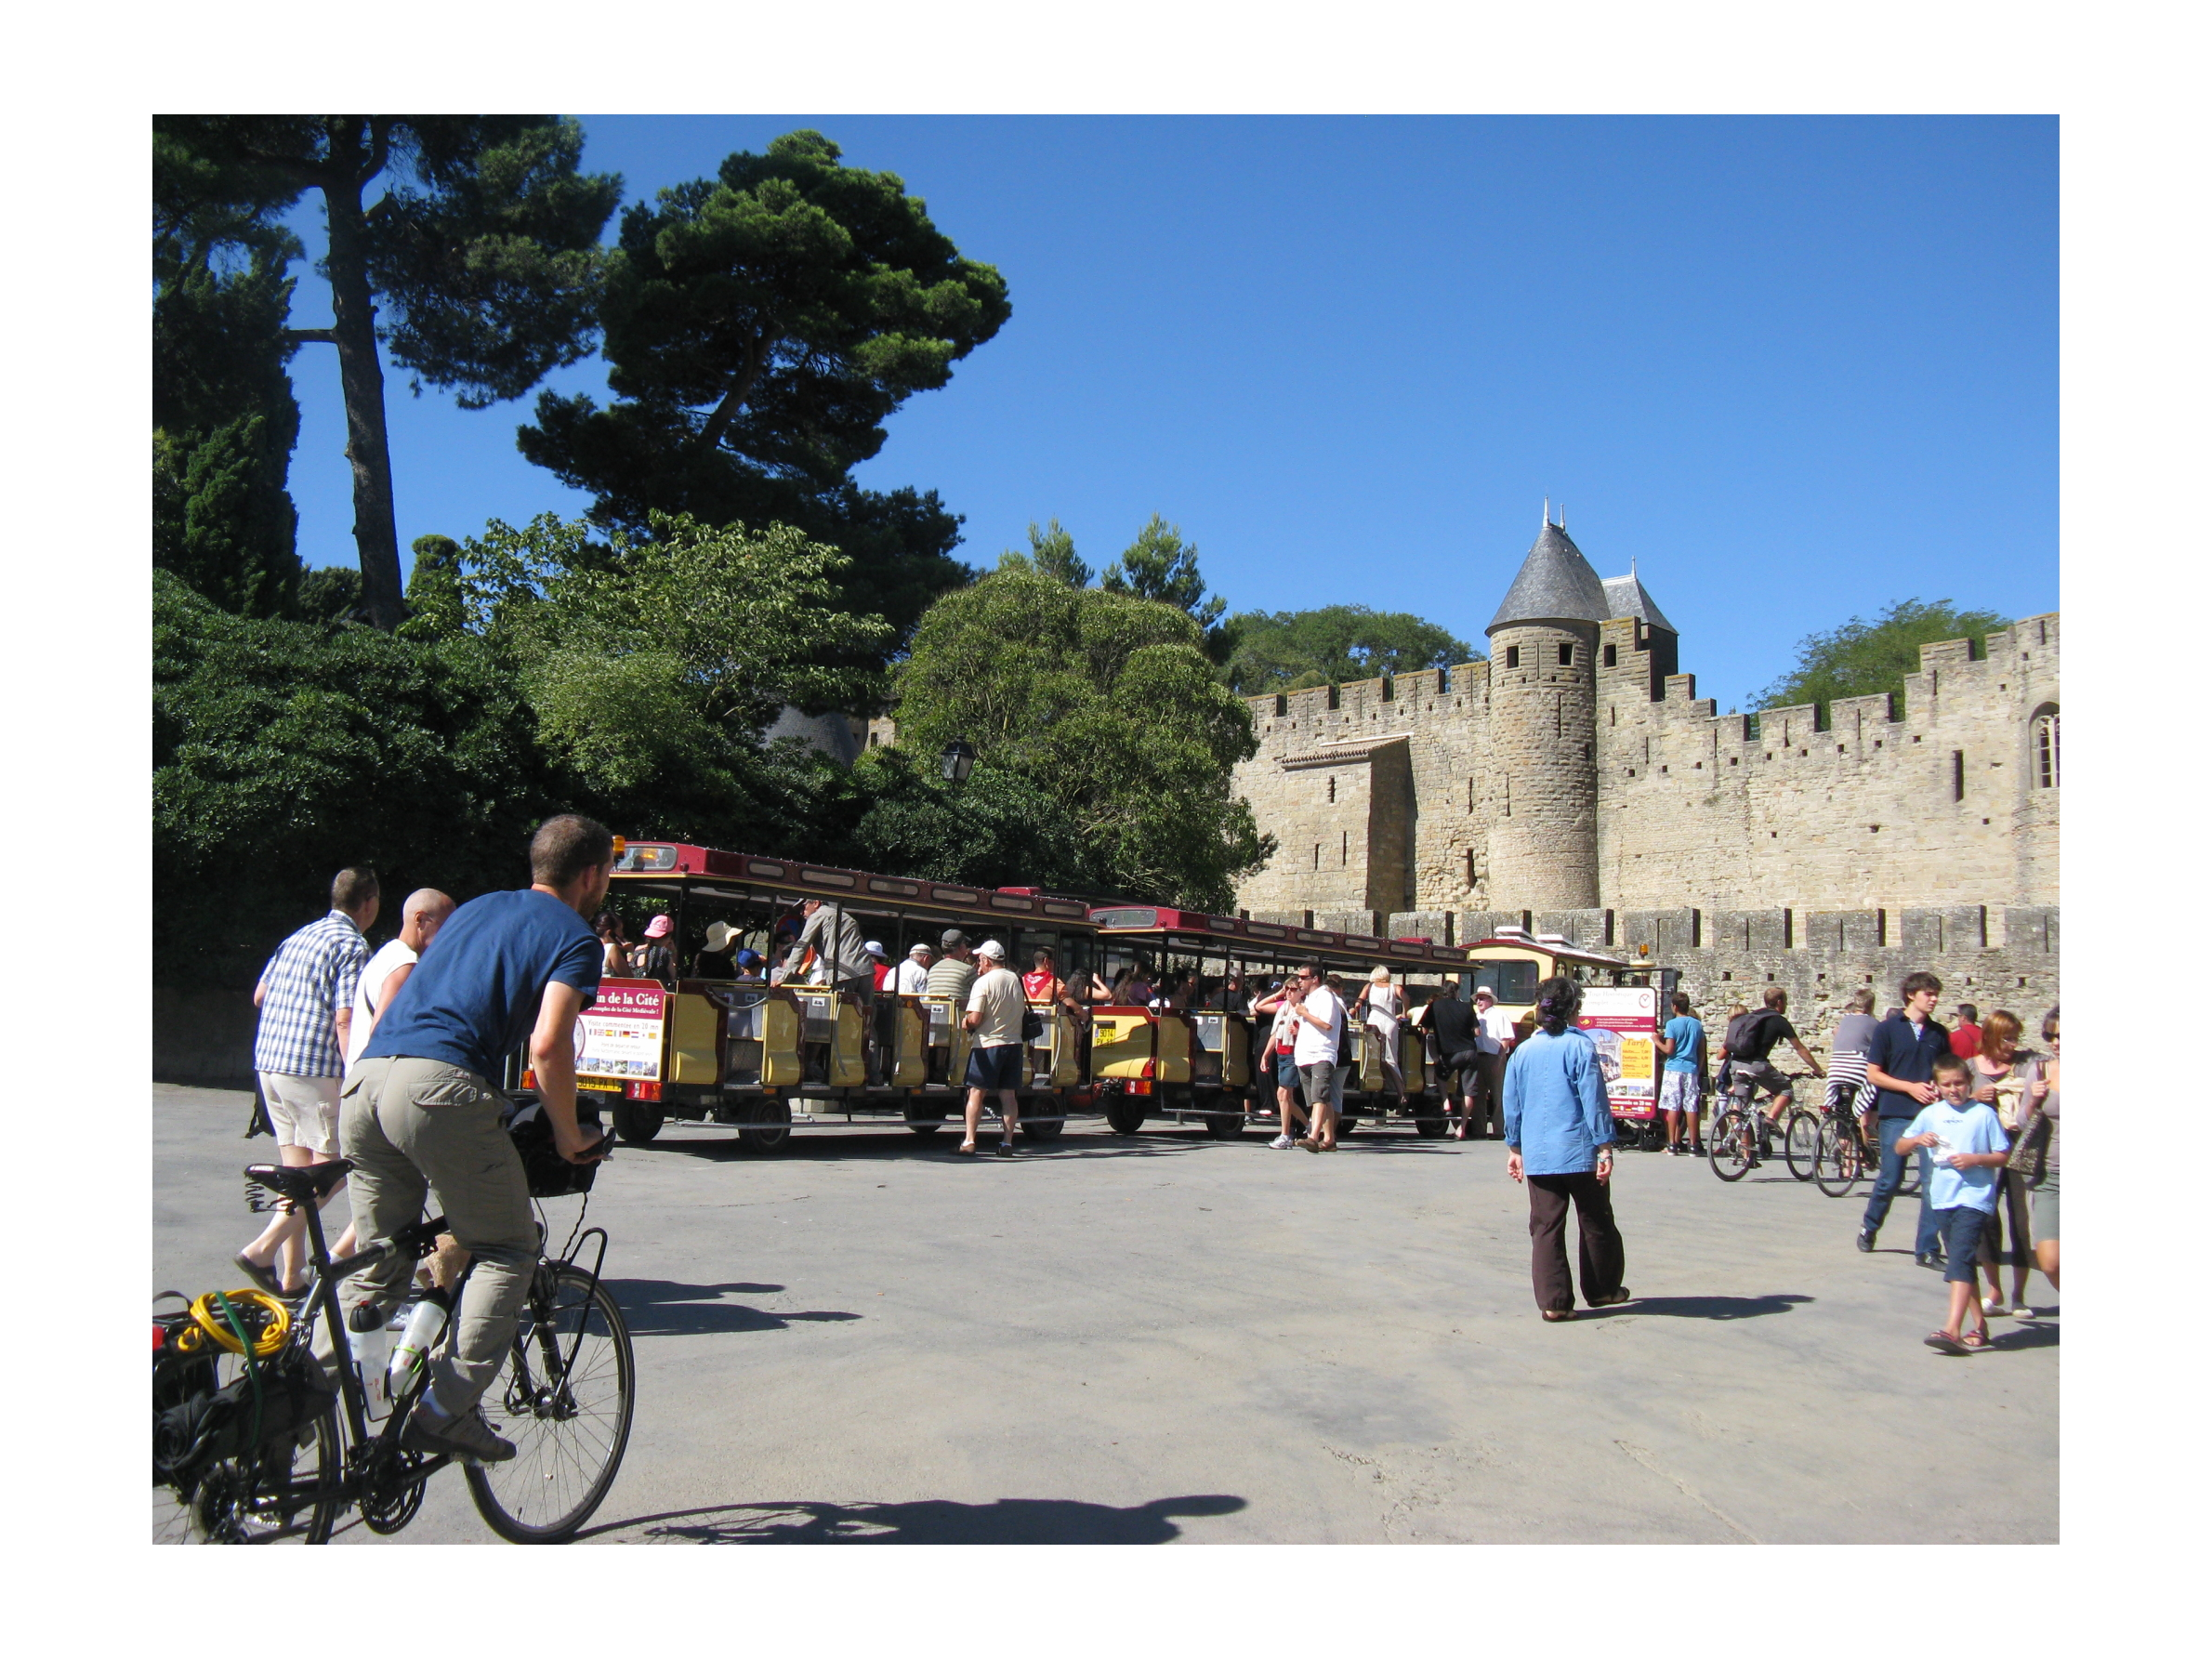 Cit de carcassonne les voyages immobiles for Porte narbonnaise